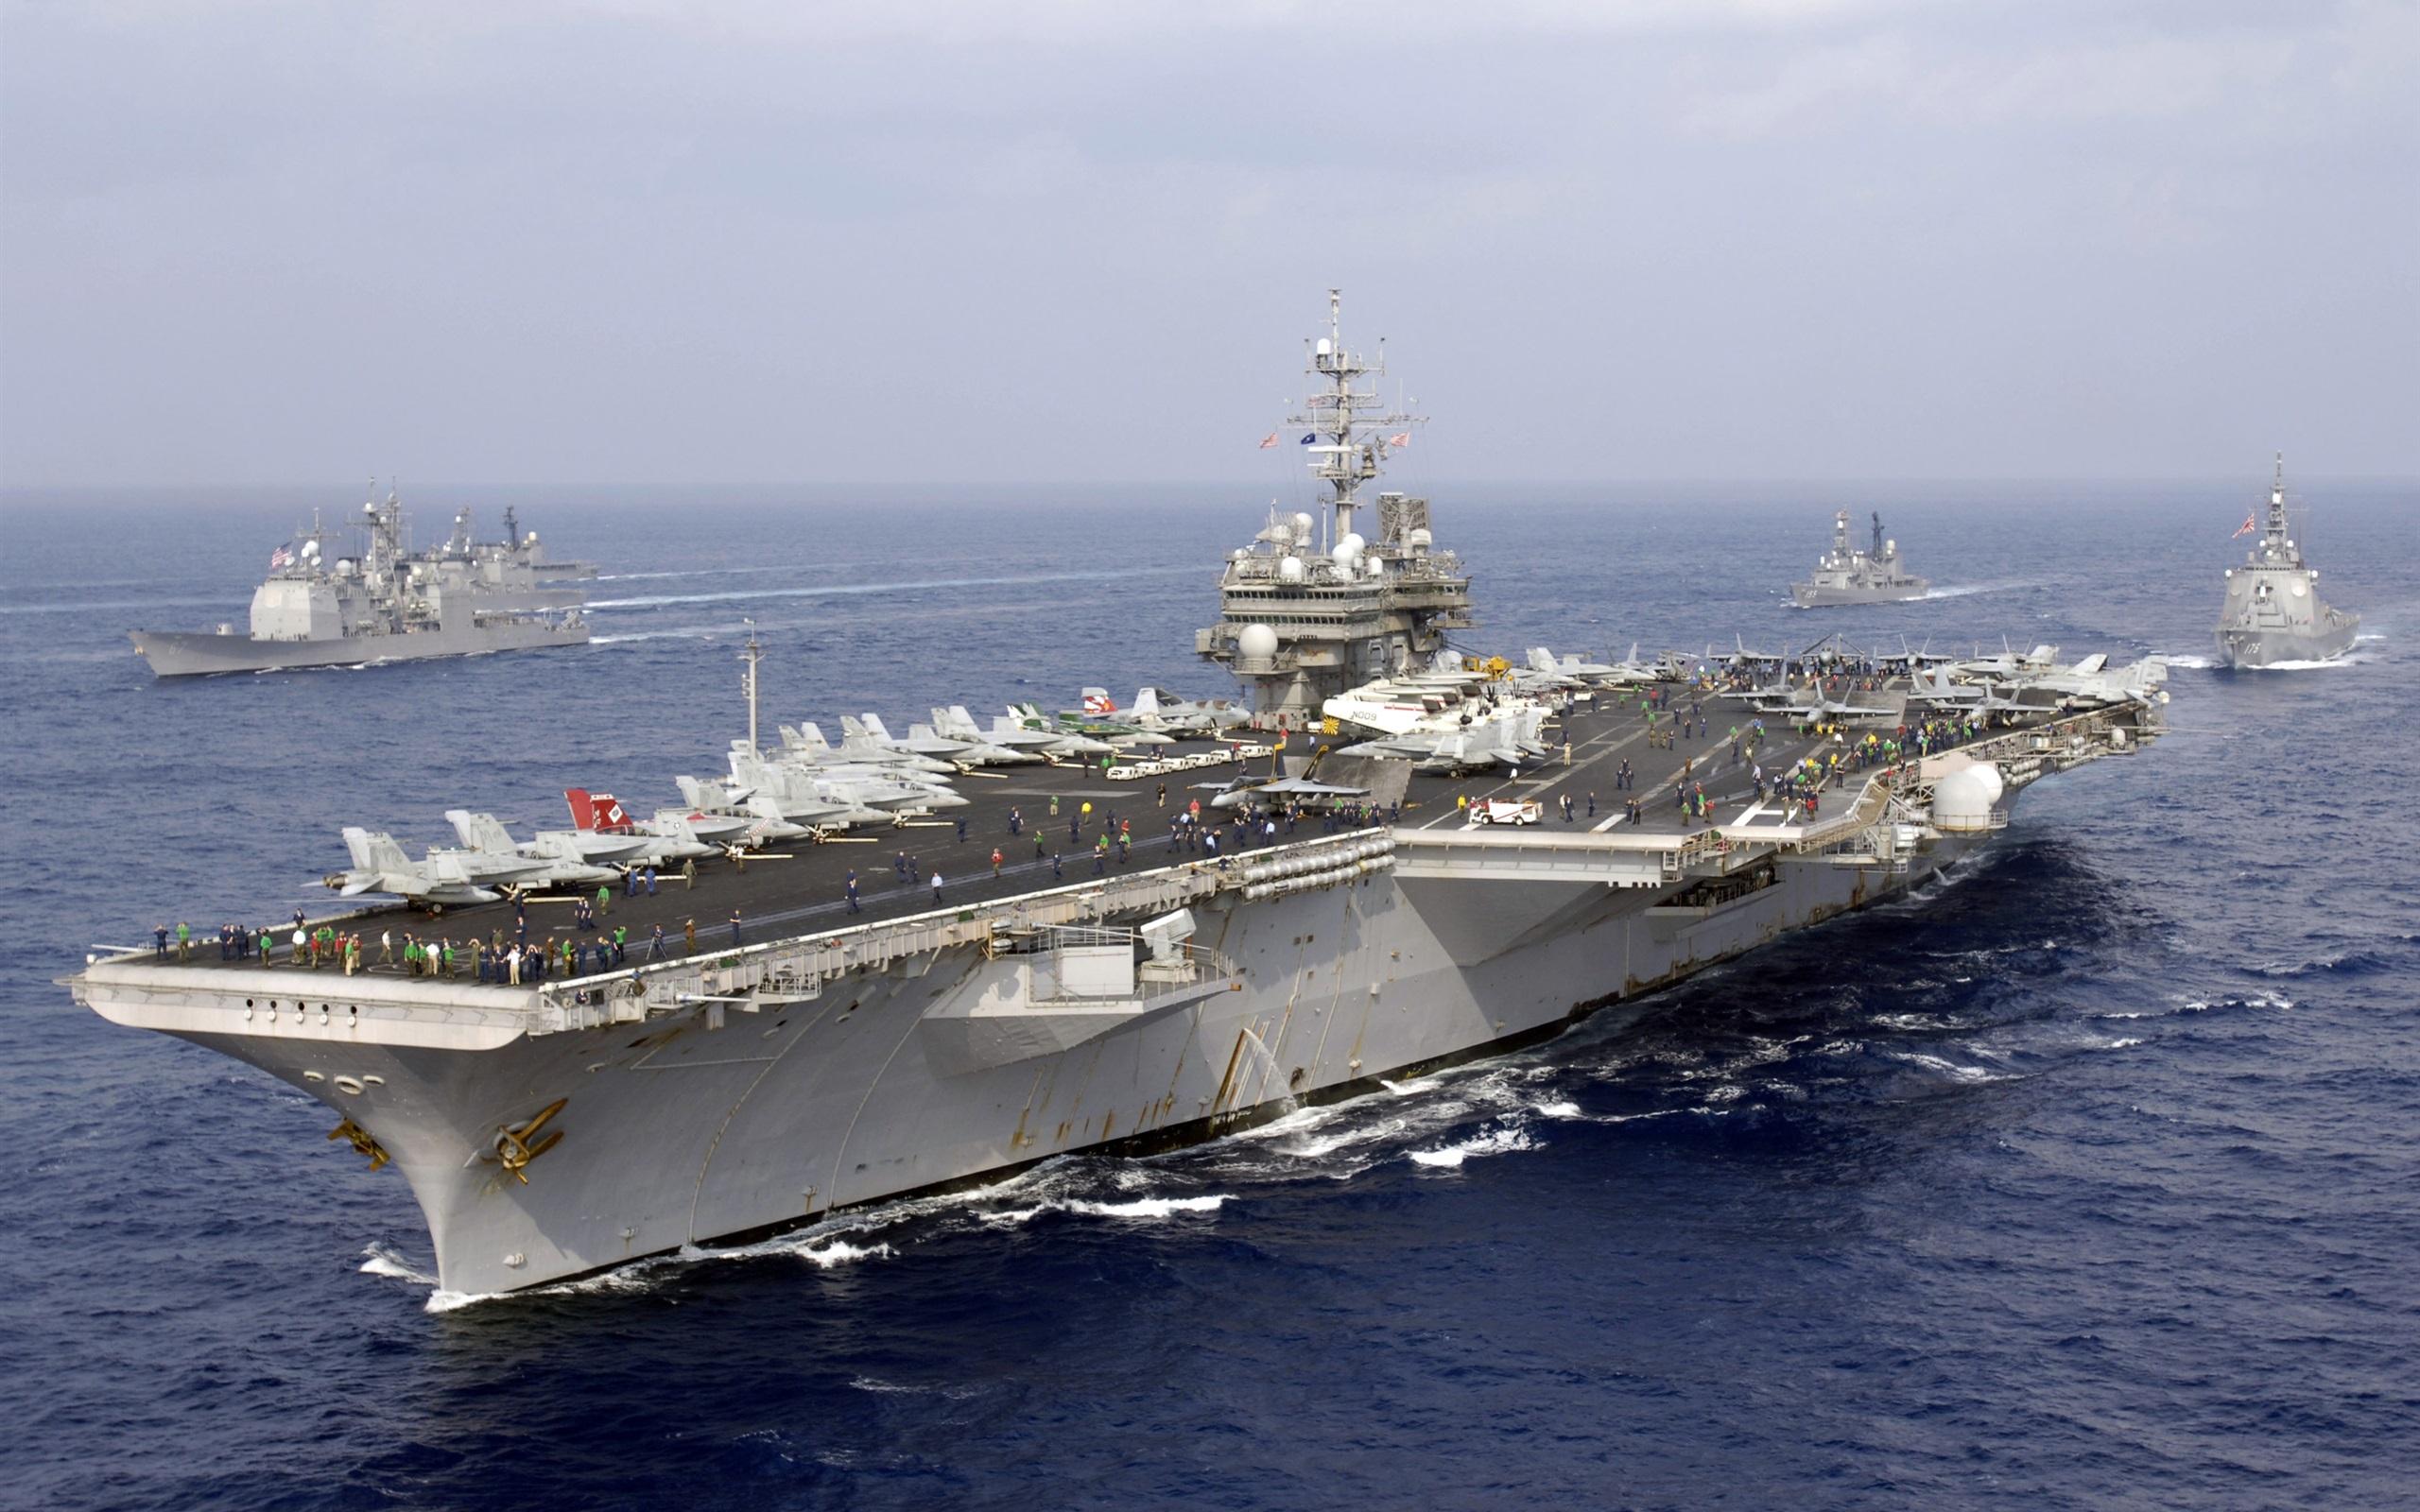 桌布美國海軍 美國航母 日本海上自衛隊2880x1800 Hd 高清桌布 圖片